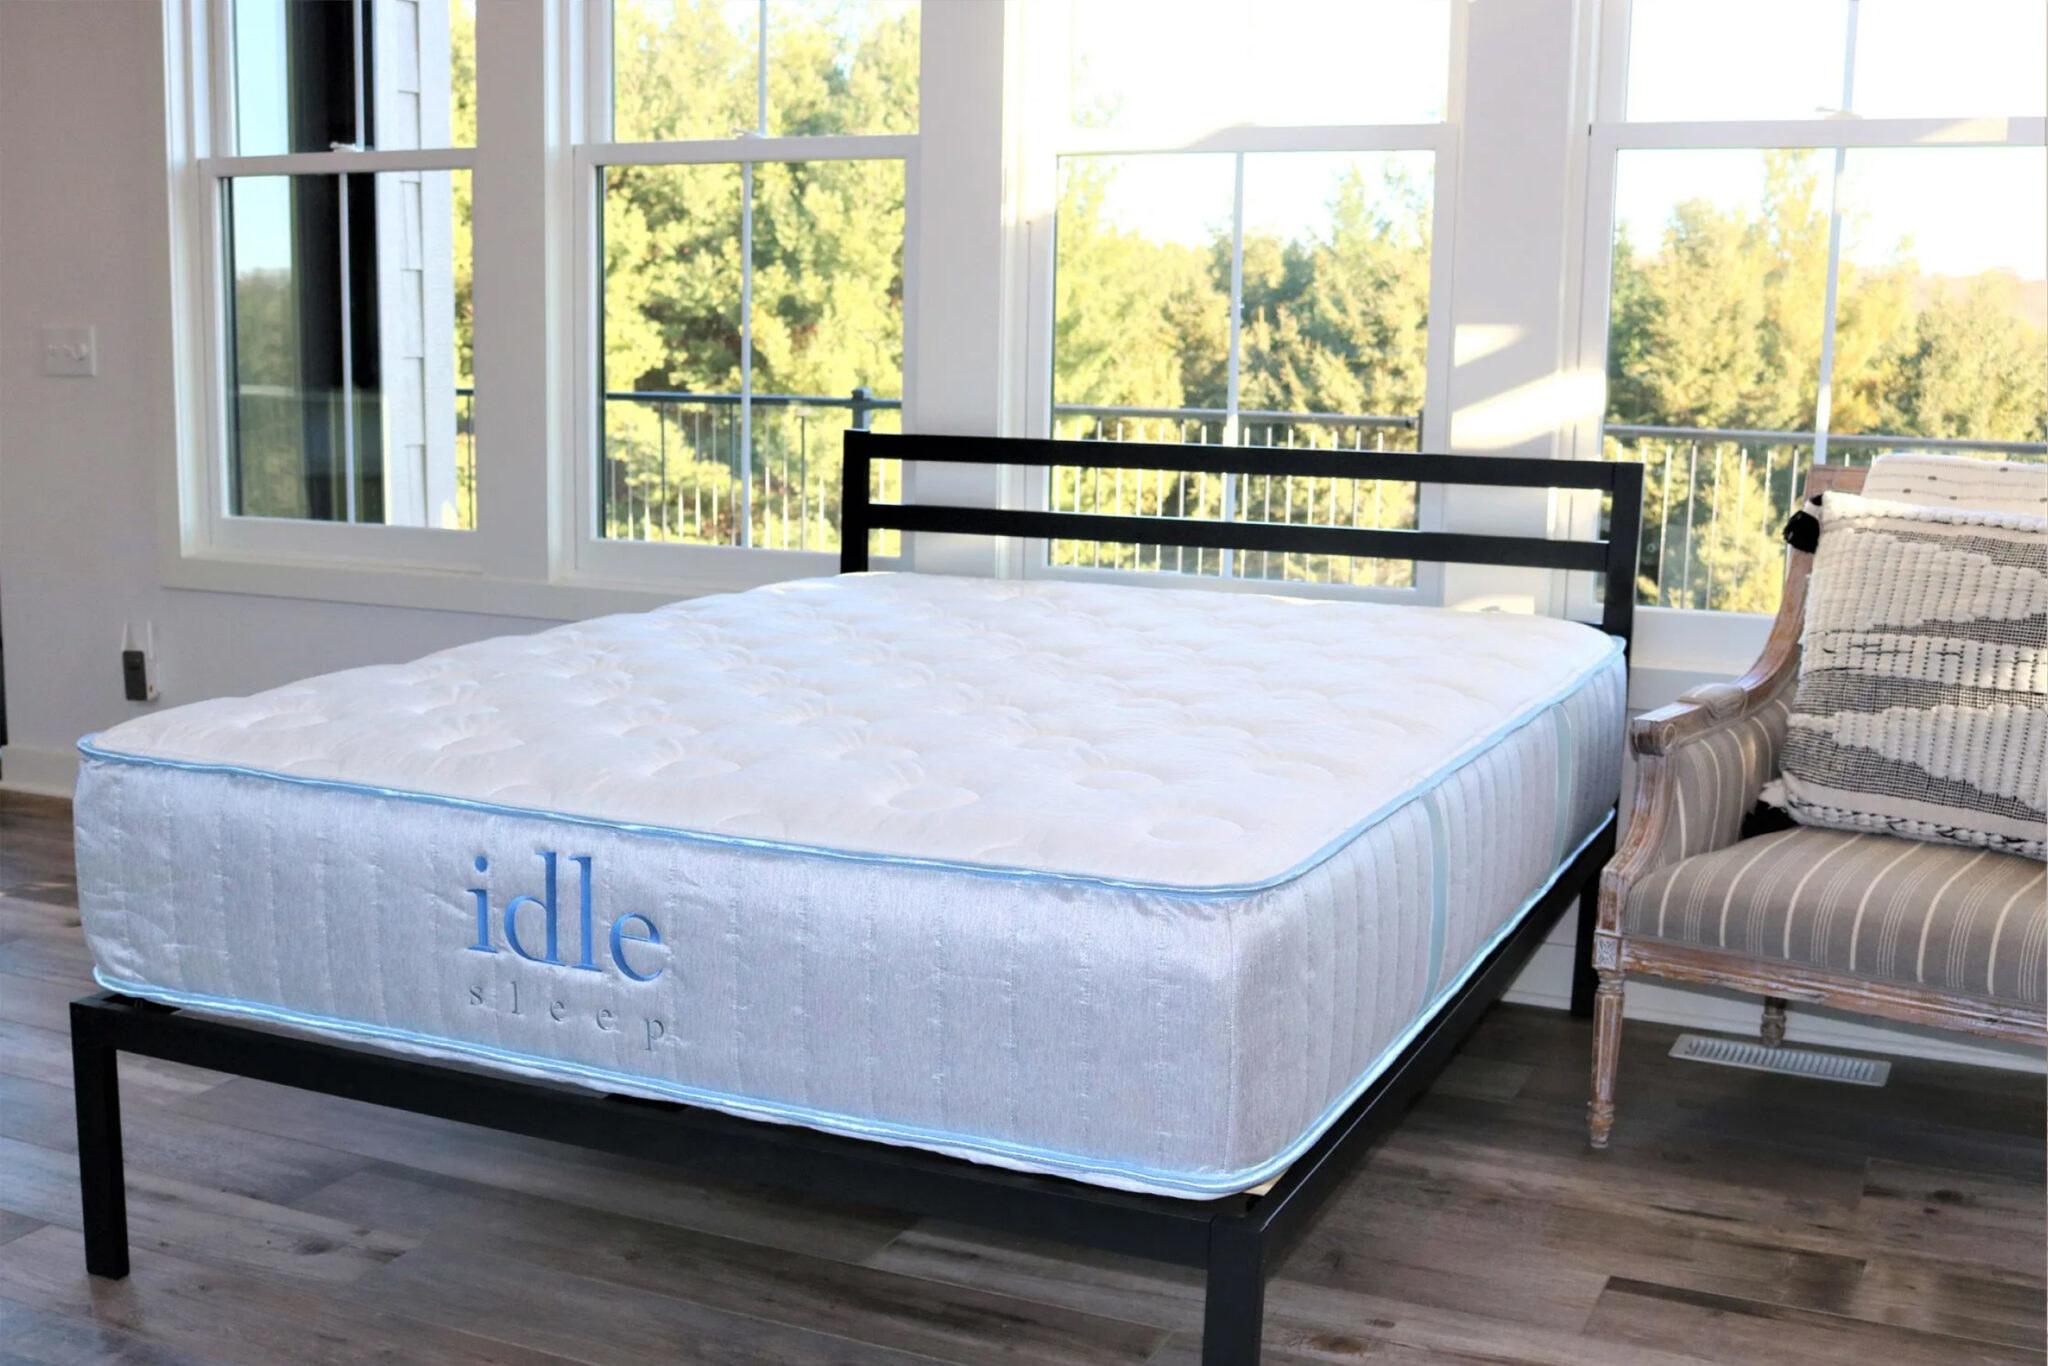 an idle sleep mattress on a bed frame